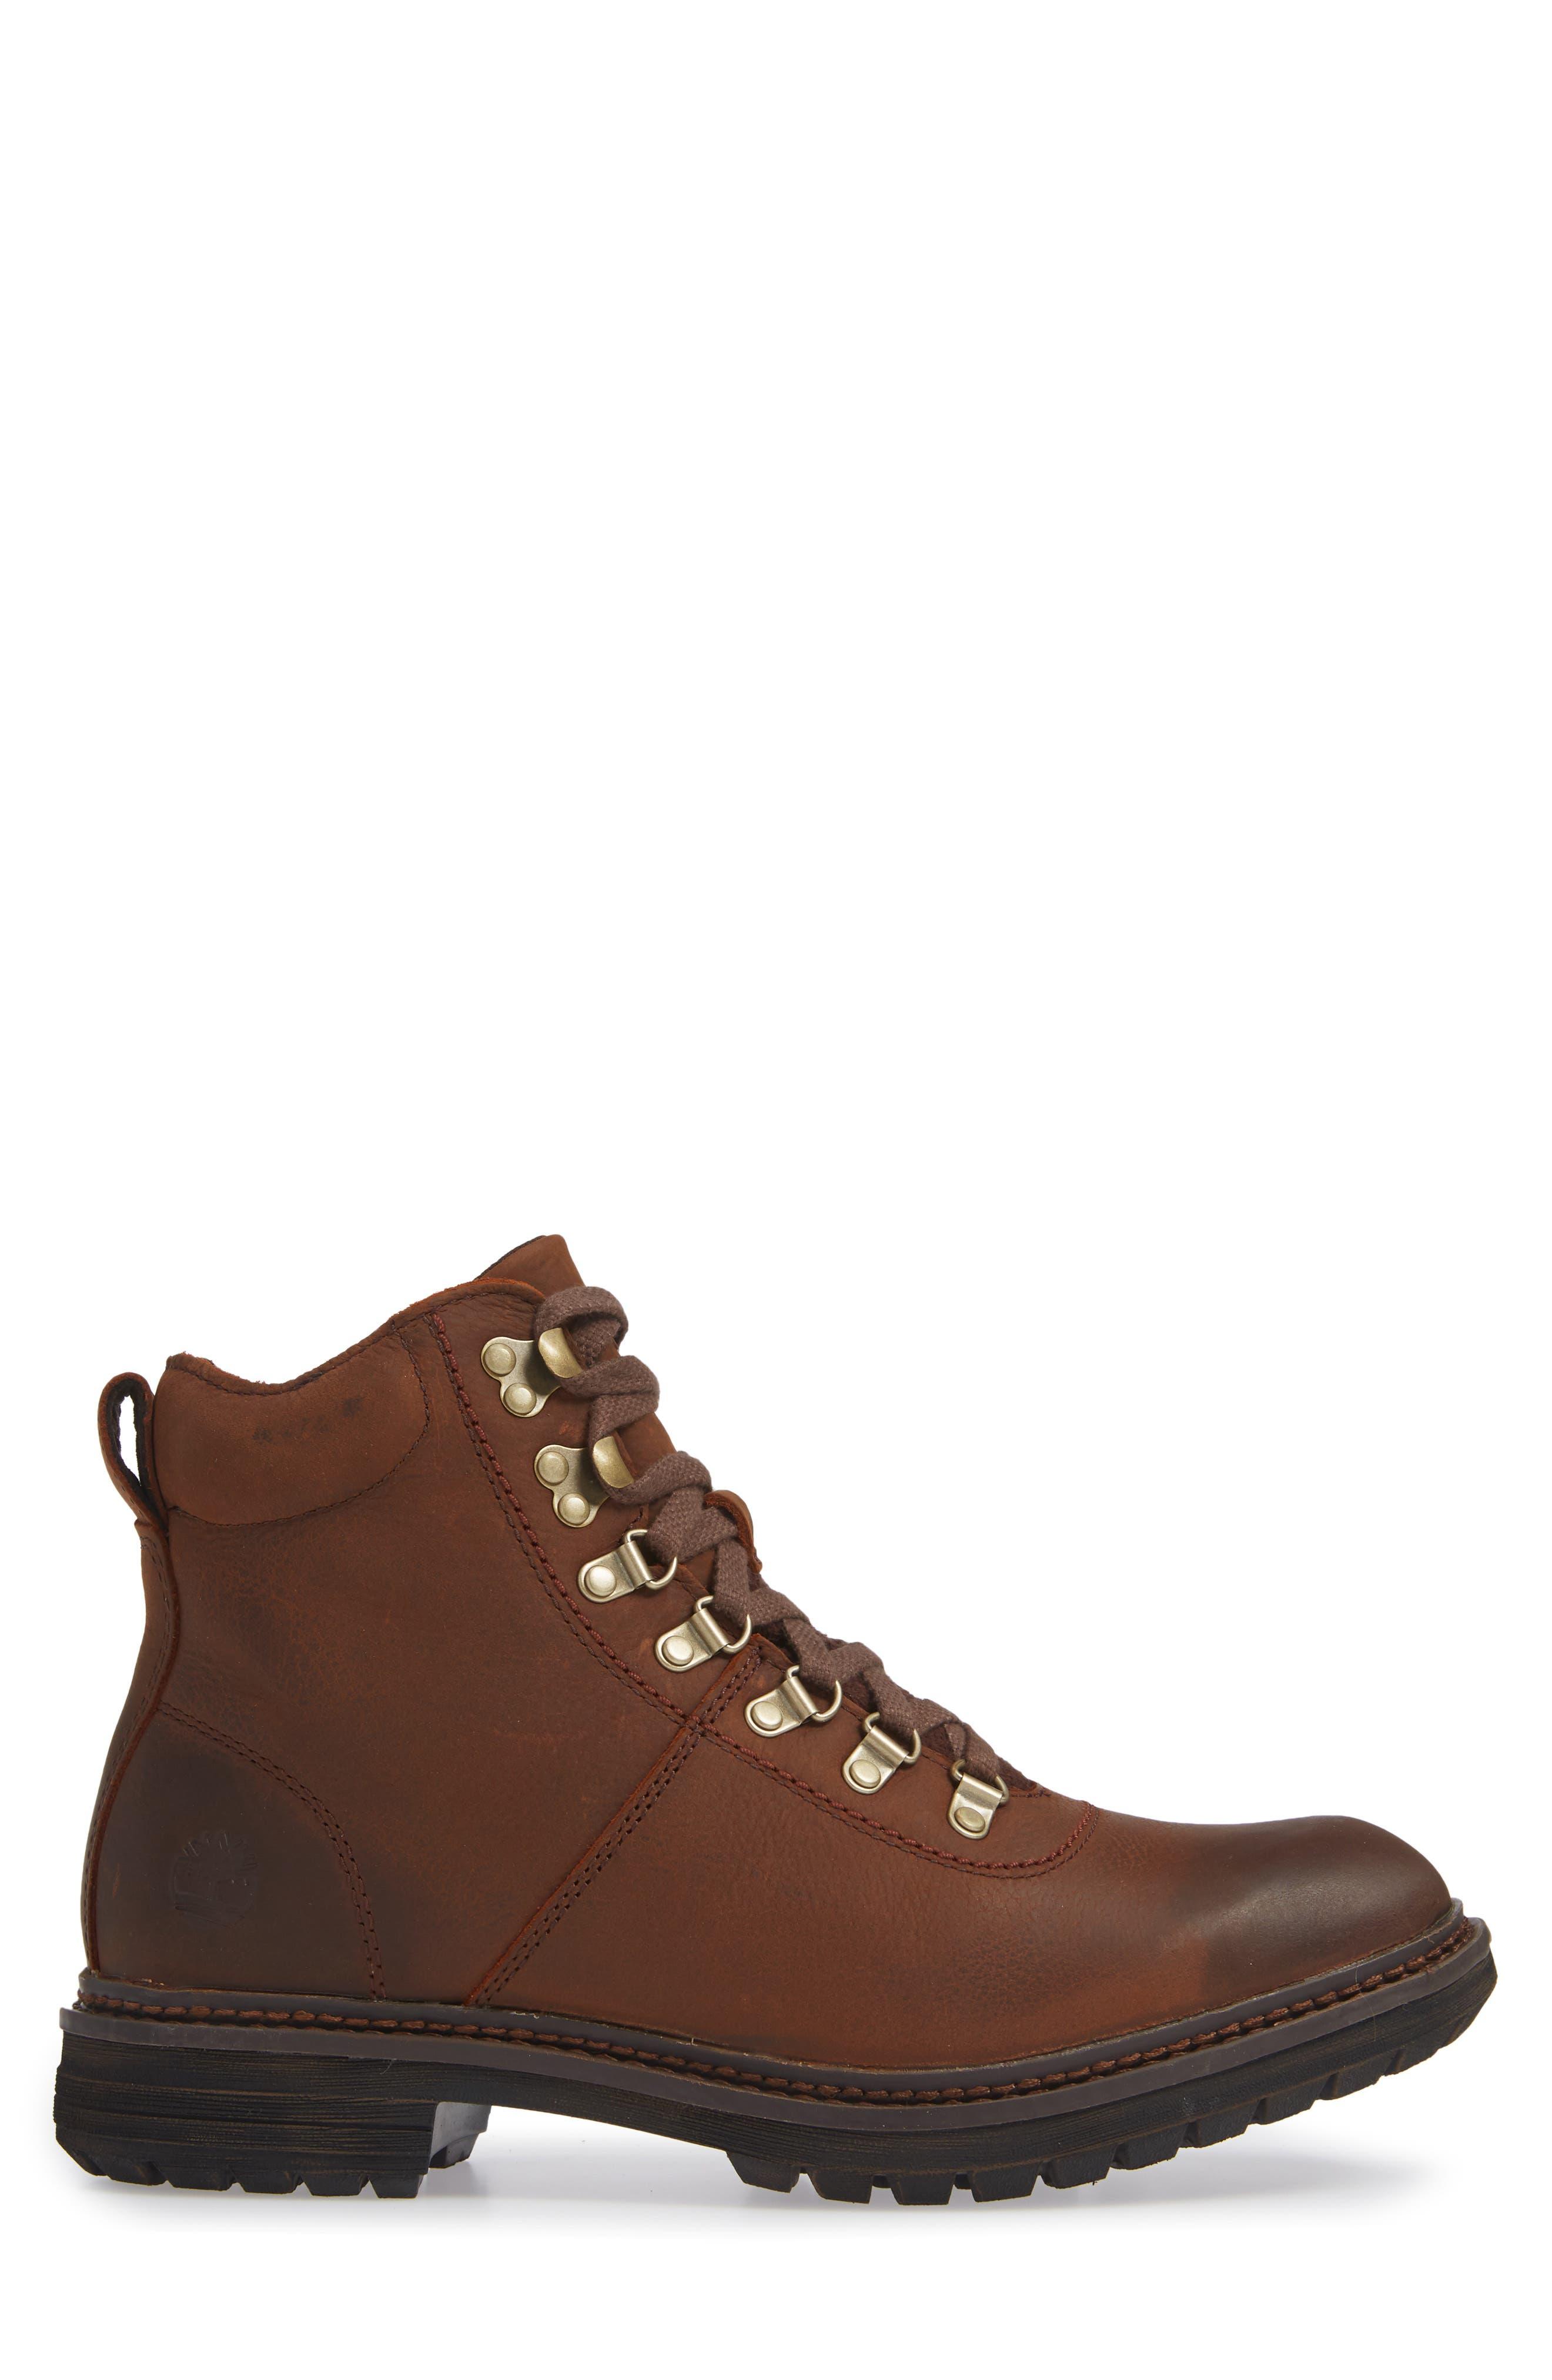 Logan Bay Water Resistant Alpine Hiker Boot,                             Alternate thumbnail 3, color,                             210